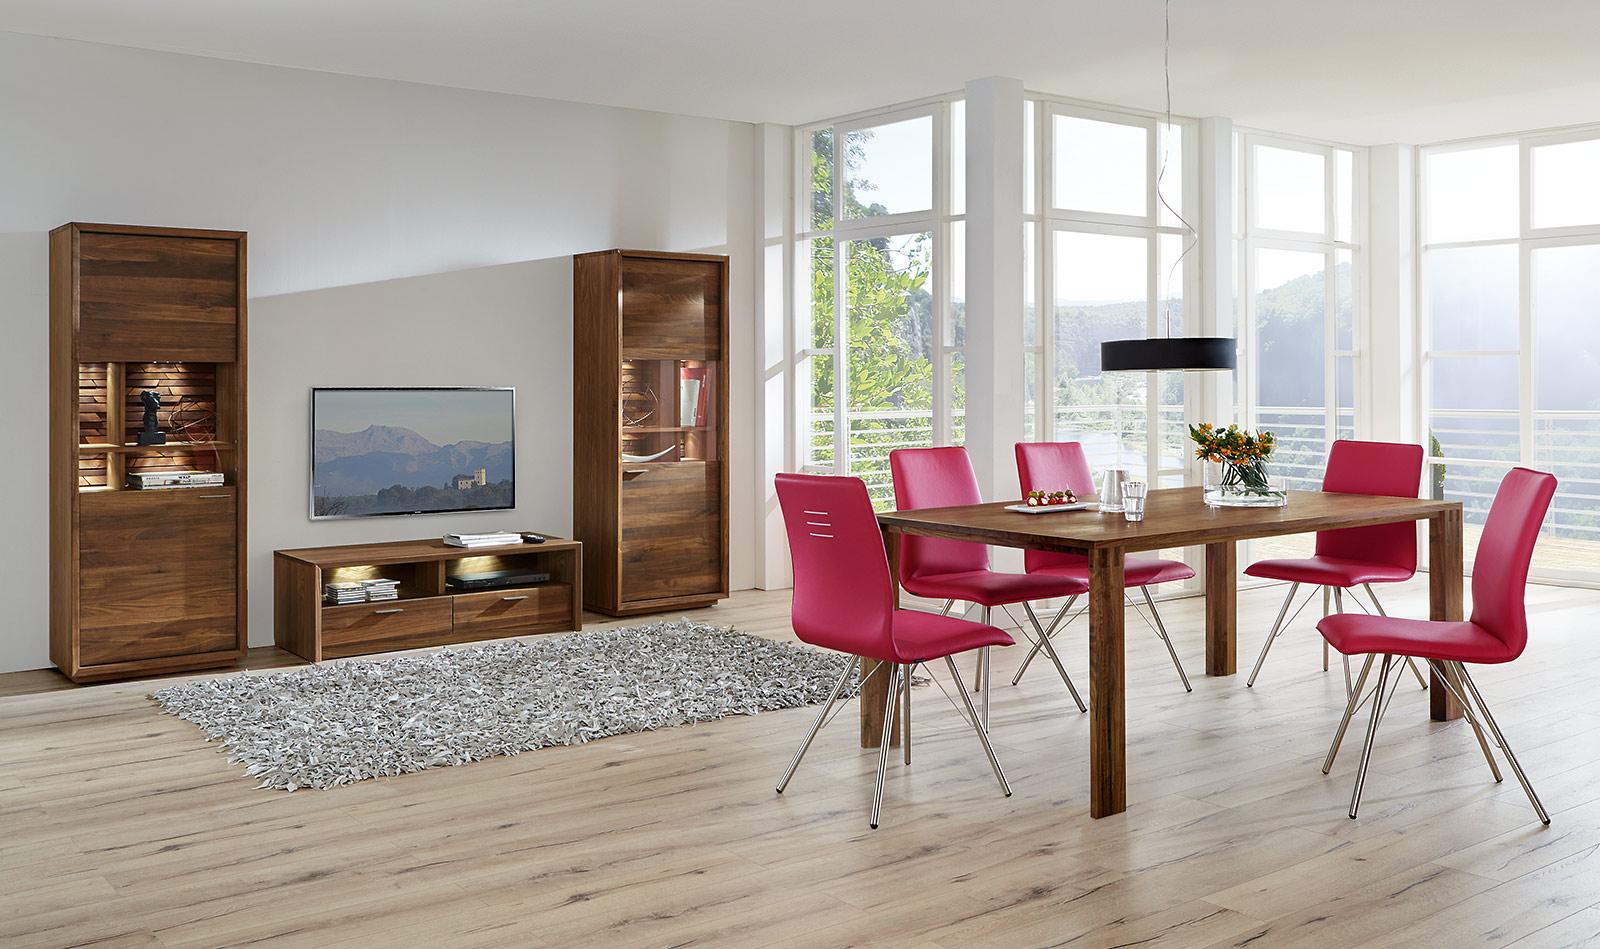 Esszimmer programme fino venjakob m bel vorsprung durch design und qualit t - Design esszimmer ...